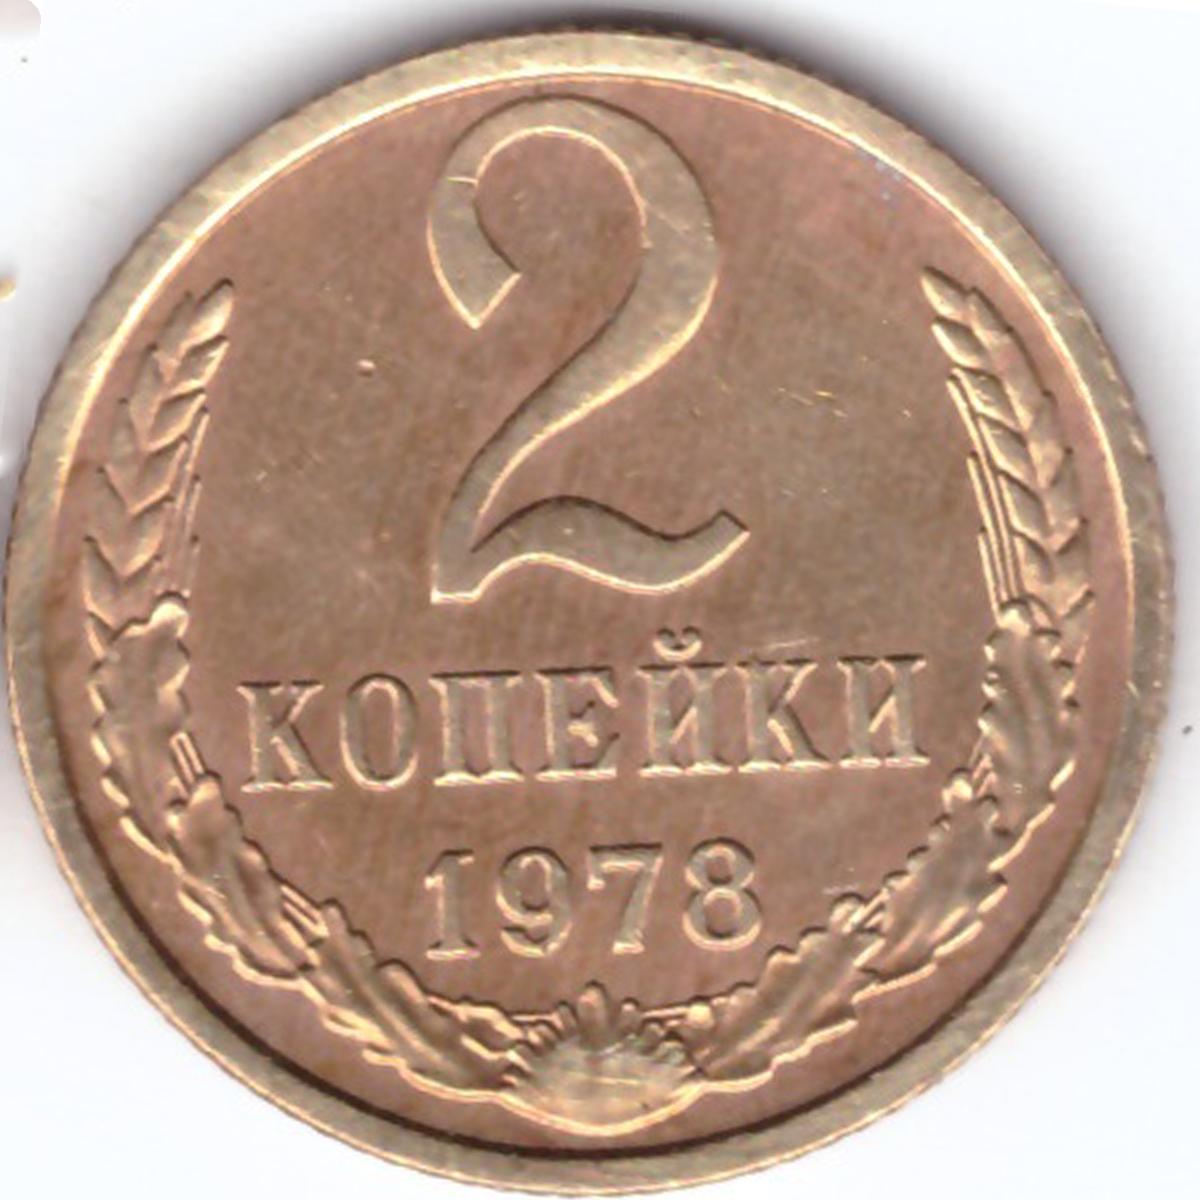 2 копейки 1978 года. VG-VF